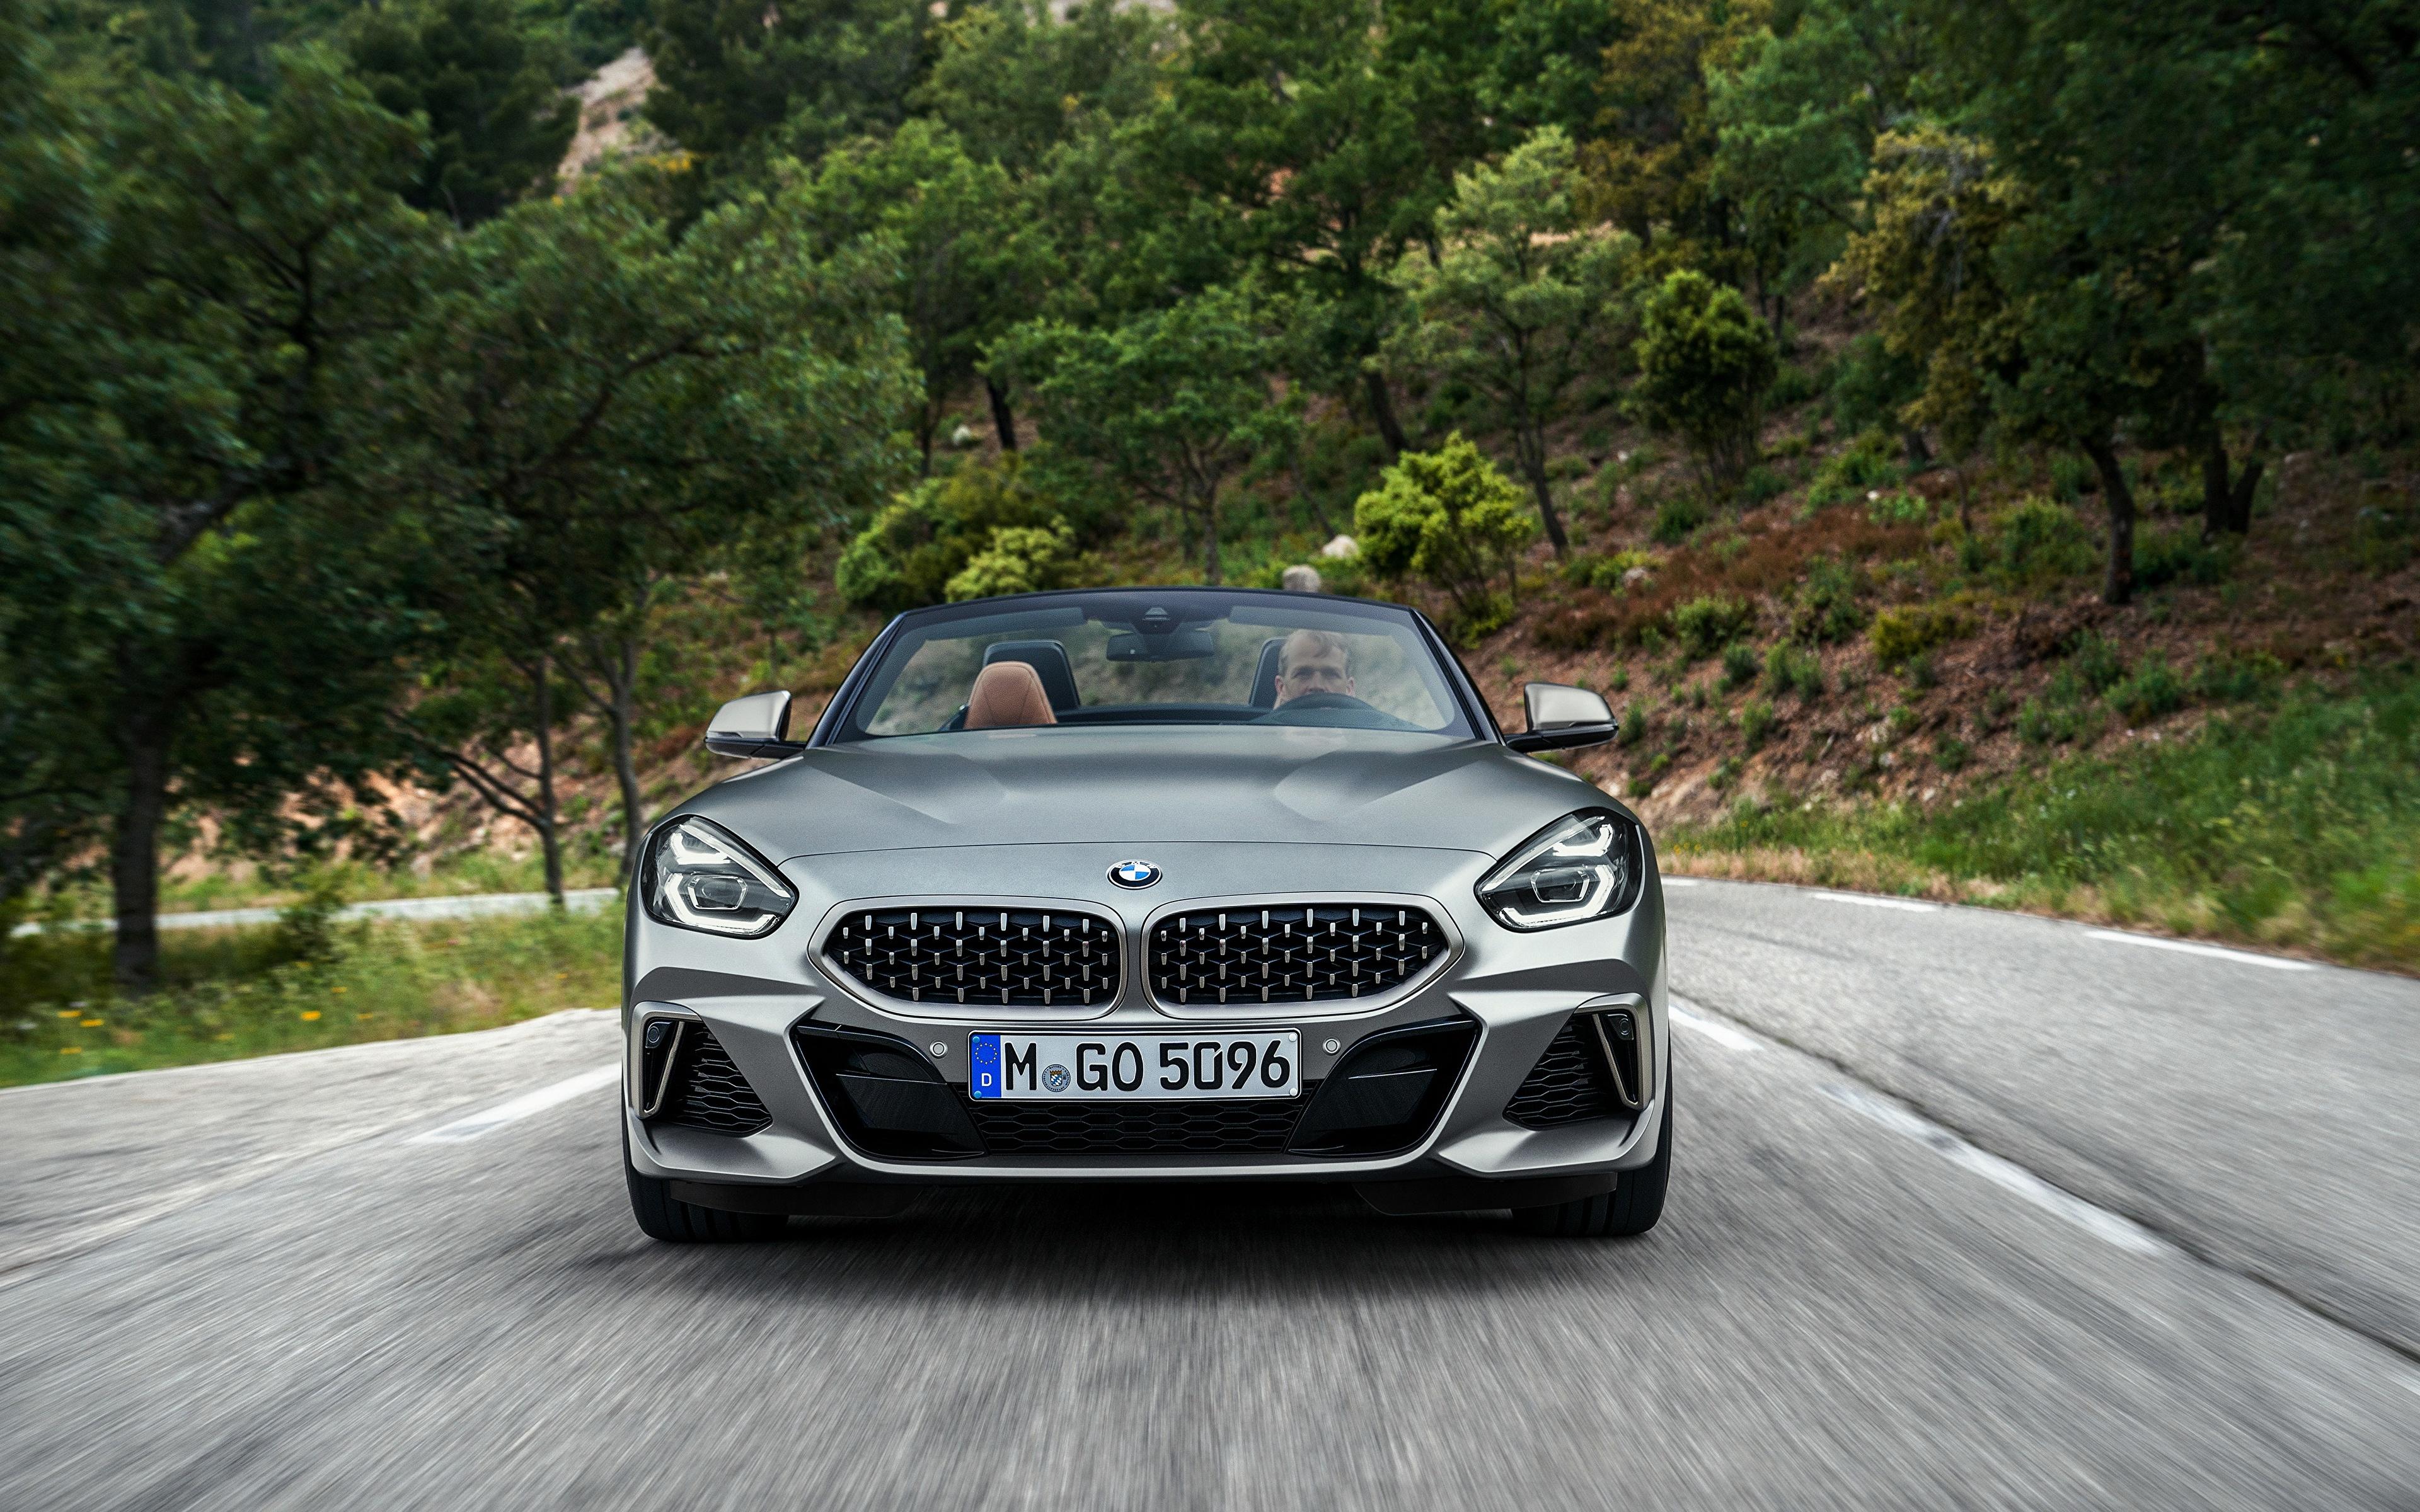 Фото BMW Z4 M40i 2019 G29 Родстер Движение Спереди Автомобили 3840x2400 БМВ едущий скорость Авто Машины